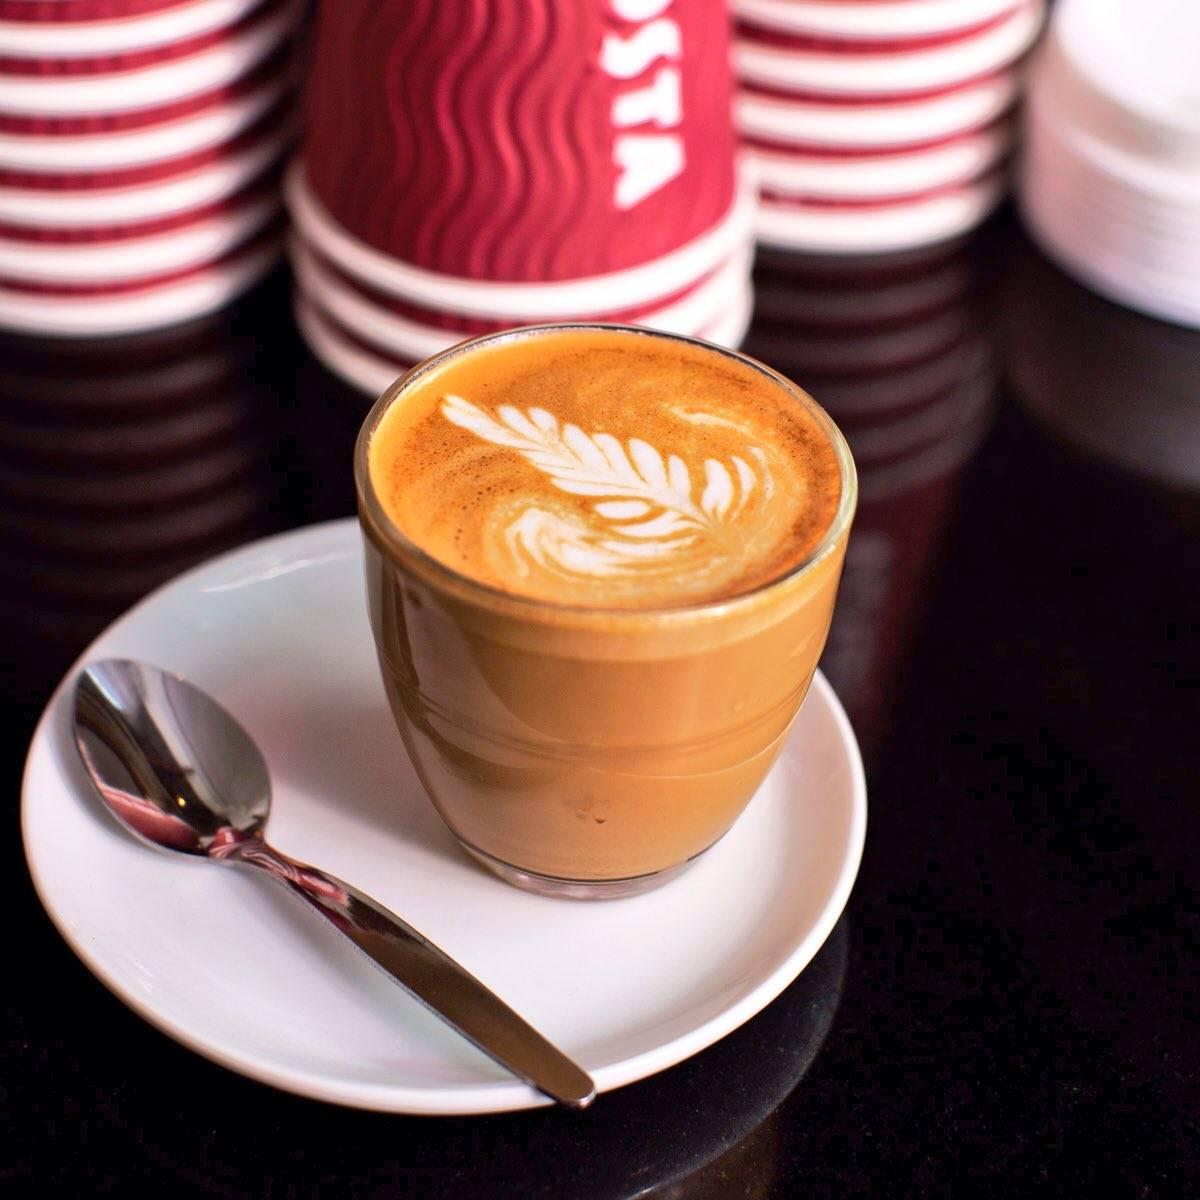 Словарь кофе по-испански. какой кофе просить в испанском кафе?